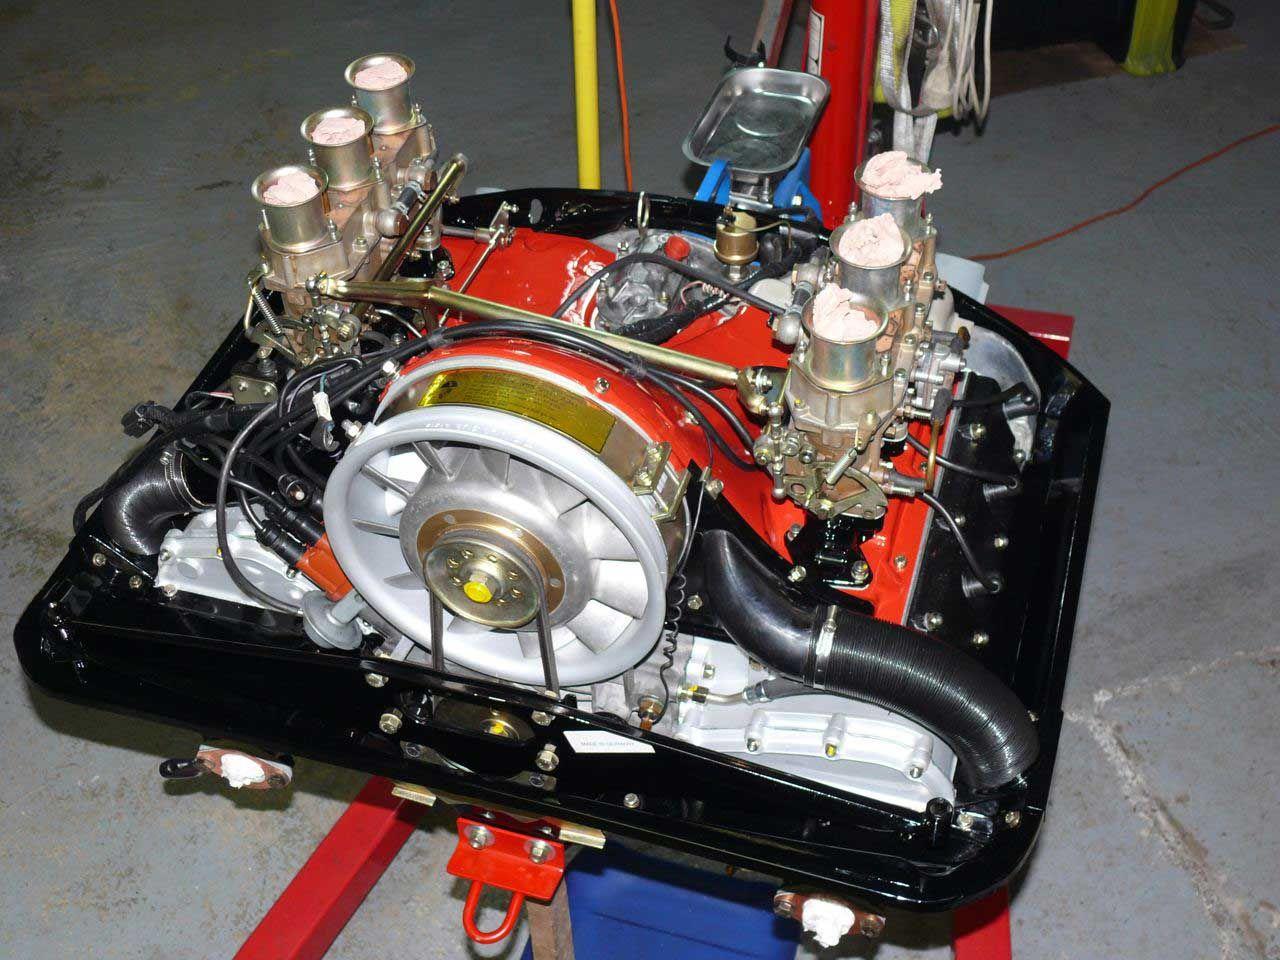 le moteur de la porsche 911t paternelle apr s sa restauration totale sports cars pinterest. Black Bedroom Furniture Sets. Home Design Ideas